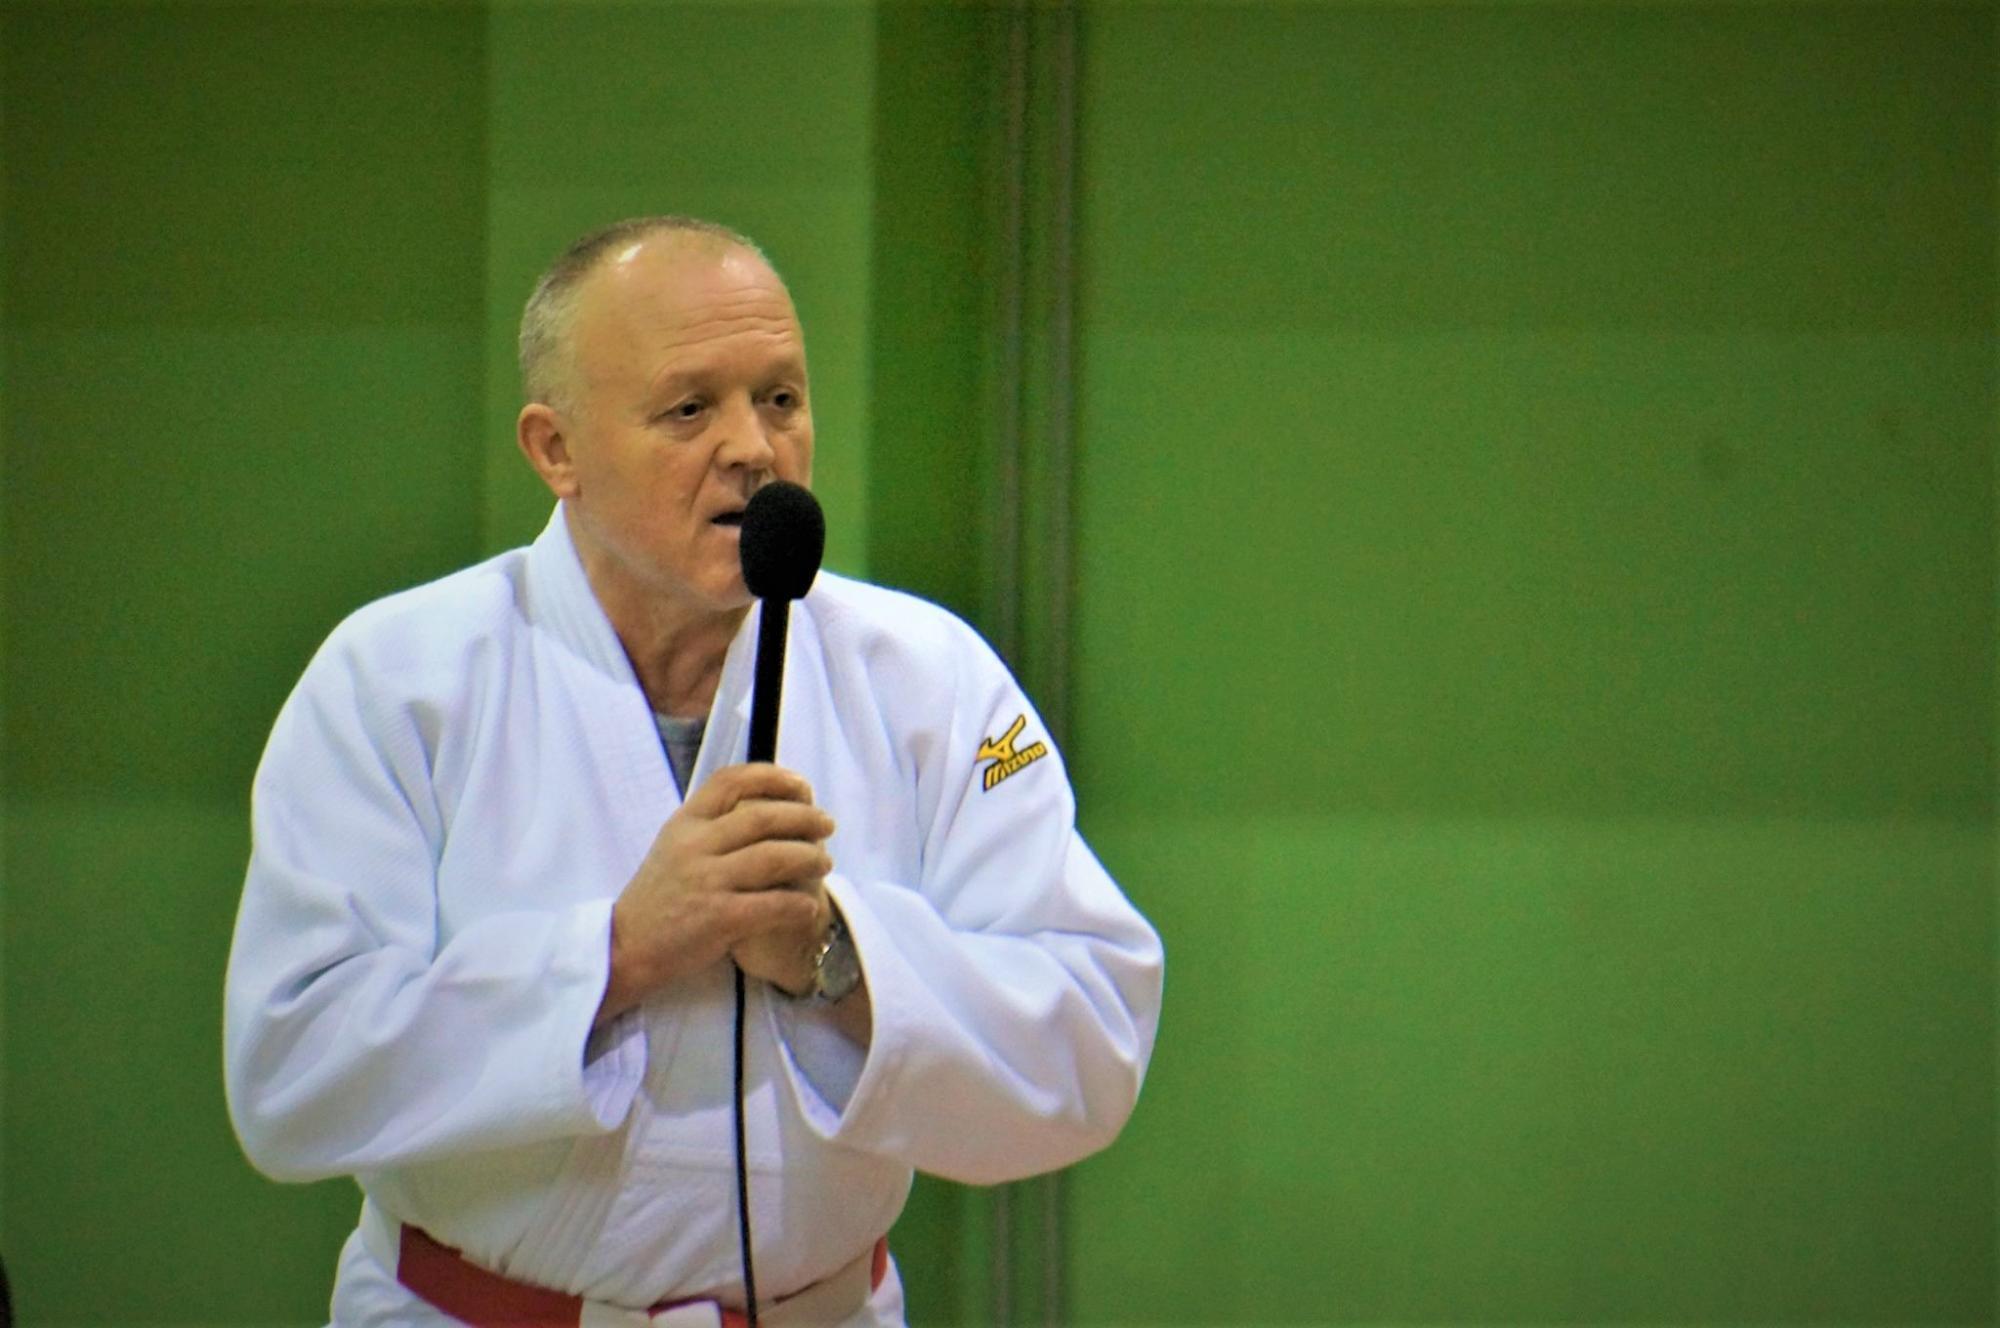 Dziudo treneris Zenius Vencevičius neatsispyrė auklėtinių prašymui: treniruotes surengė parke 15